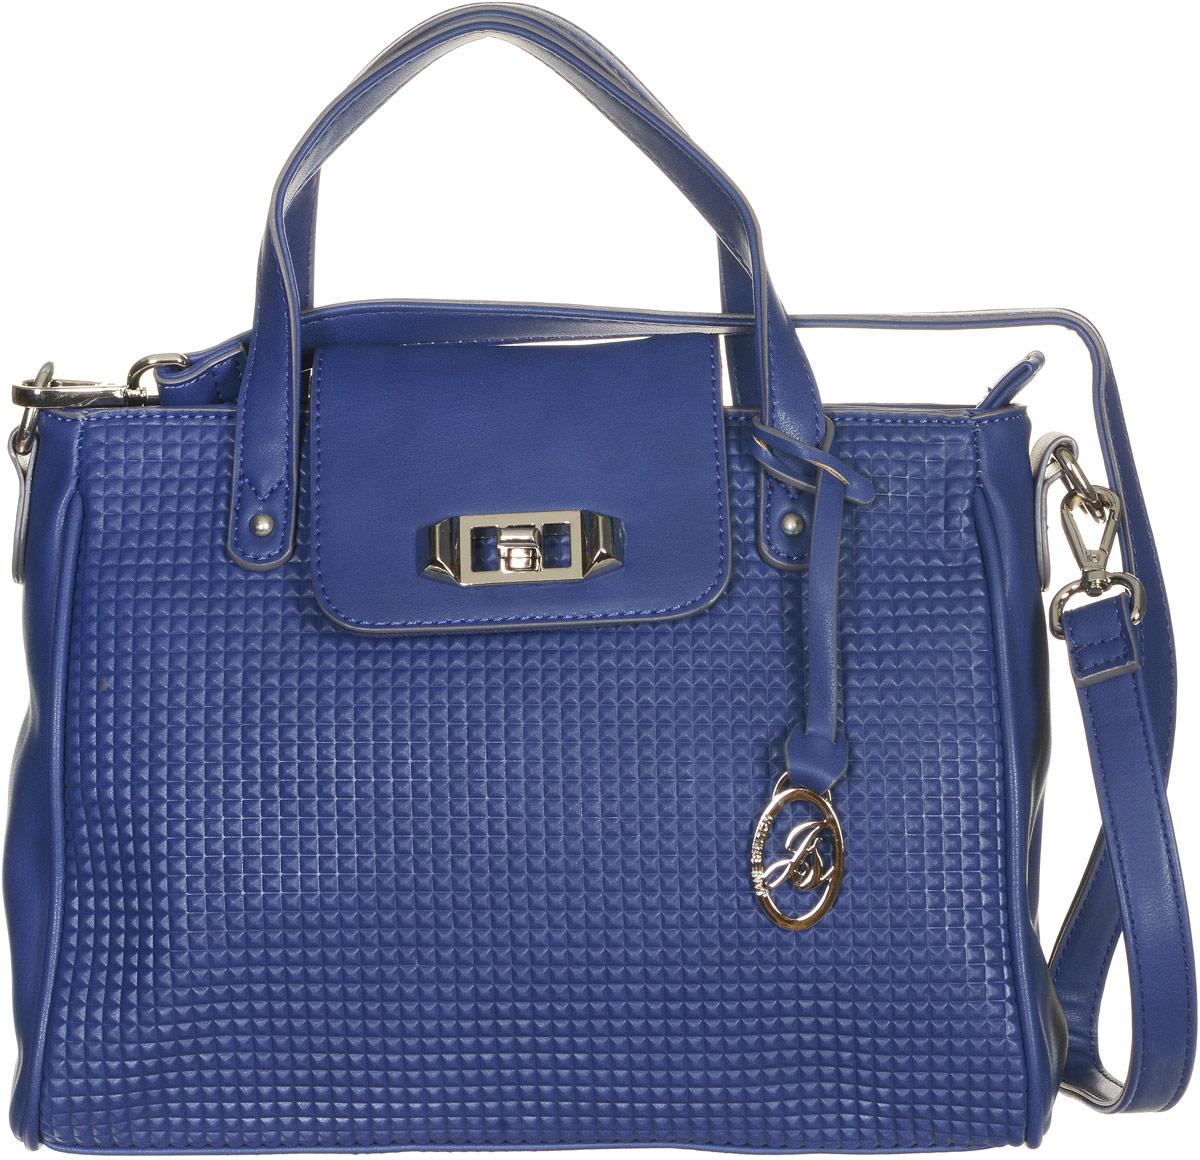 Сумка женская Jane Shilton, цвет: синий. 21362136navyСтильная сумка Jane Shilton не оставит вас равнодушной благодаря своему дизайну и практичности. Она изготовлена из качественной искусственной кожи и оформлена декоративным тиснением. На тыльной стороне расположен удобный вшитый карман на молнии. Сумка оснащена удобной ручкой, которая оформлена металлической фирменной подвеской. Также сумка дополнена съемным плечевым ремнем, который фиксируется с помощью замков-карабинов. Изделие закрывается клапаном на замок-вертушку. Внутри расположено главное отделение на молнии, которое содержит один открытый накладной карман для телефона и один вшитый карман на молнии для мелочей. Такая модная и практичная сумка завершит ваш образ и станет незаменимым аксессуаром в вашем гардеробе.